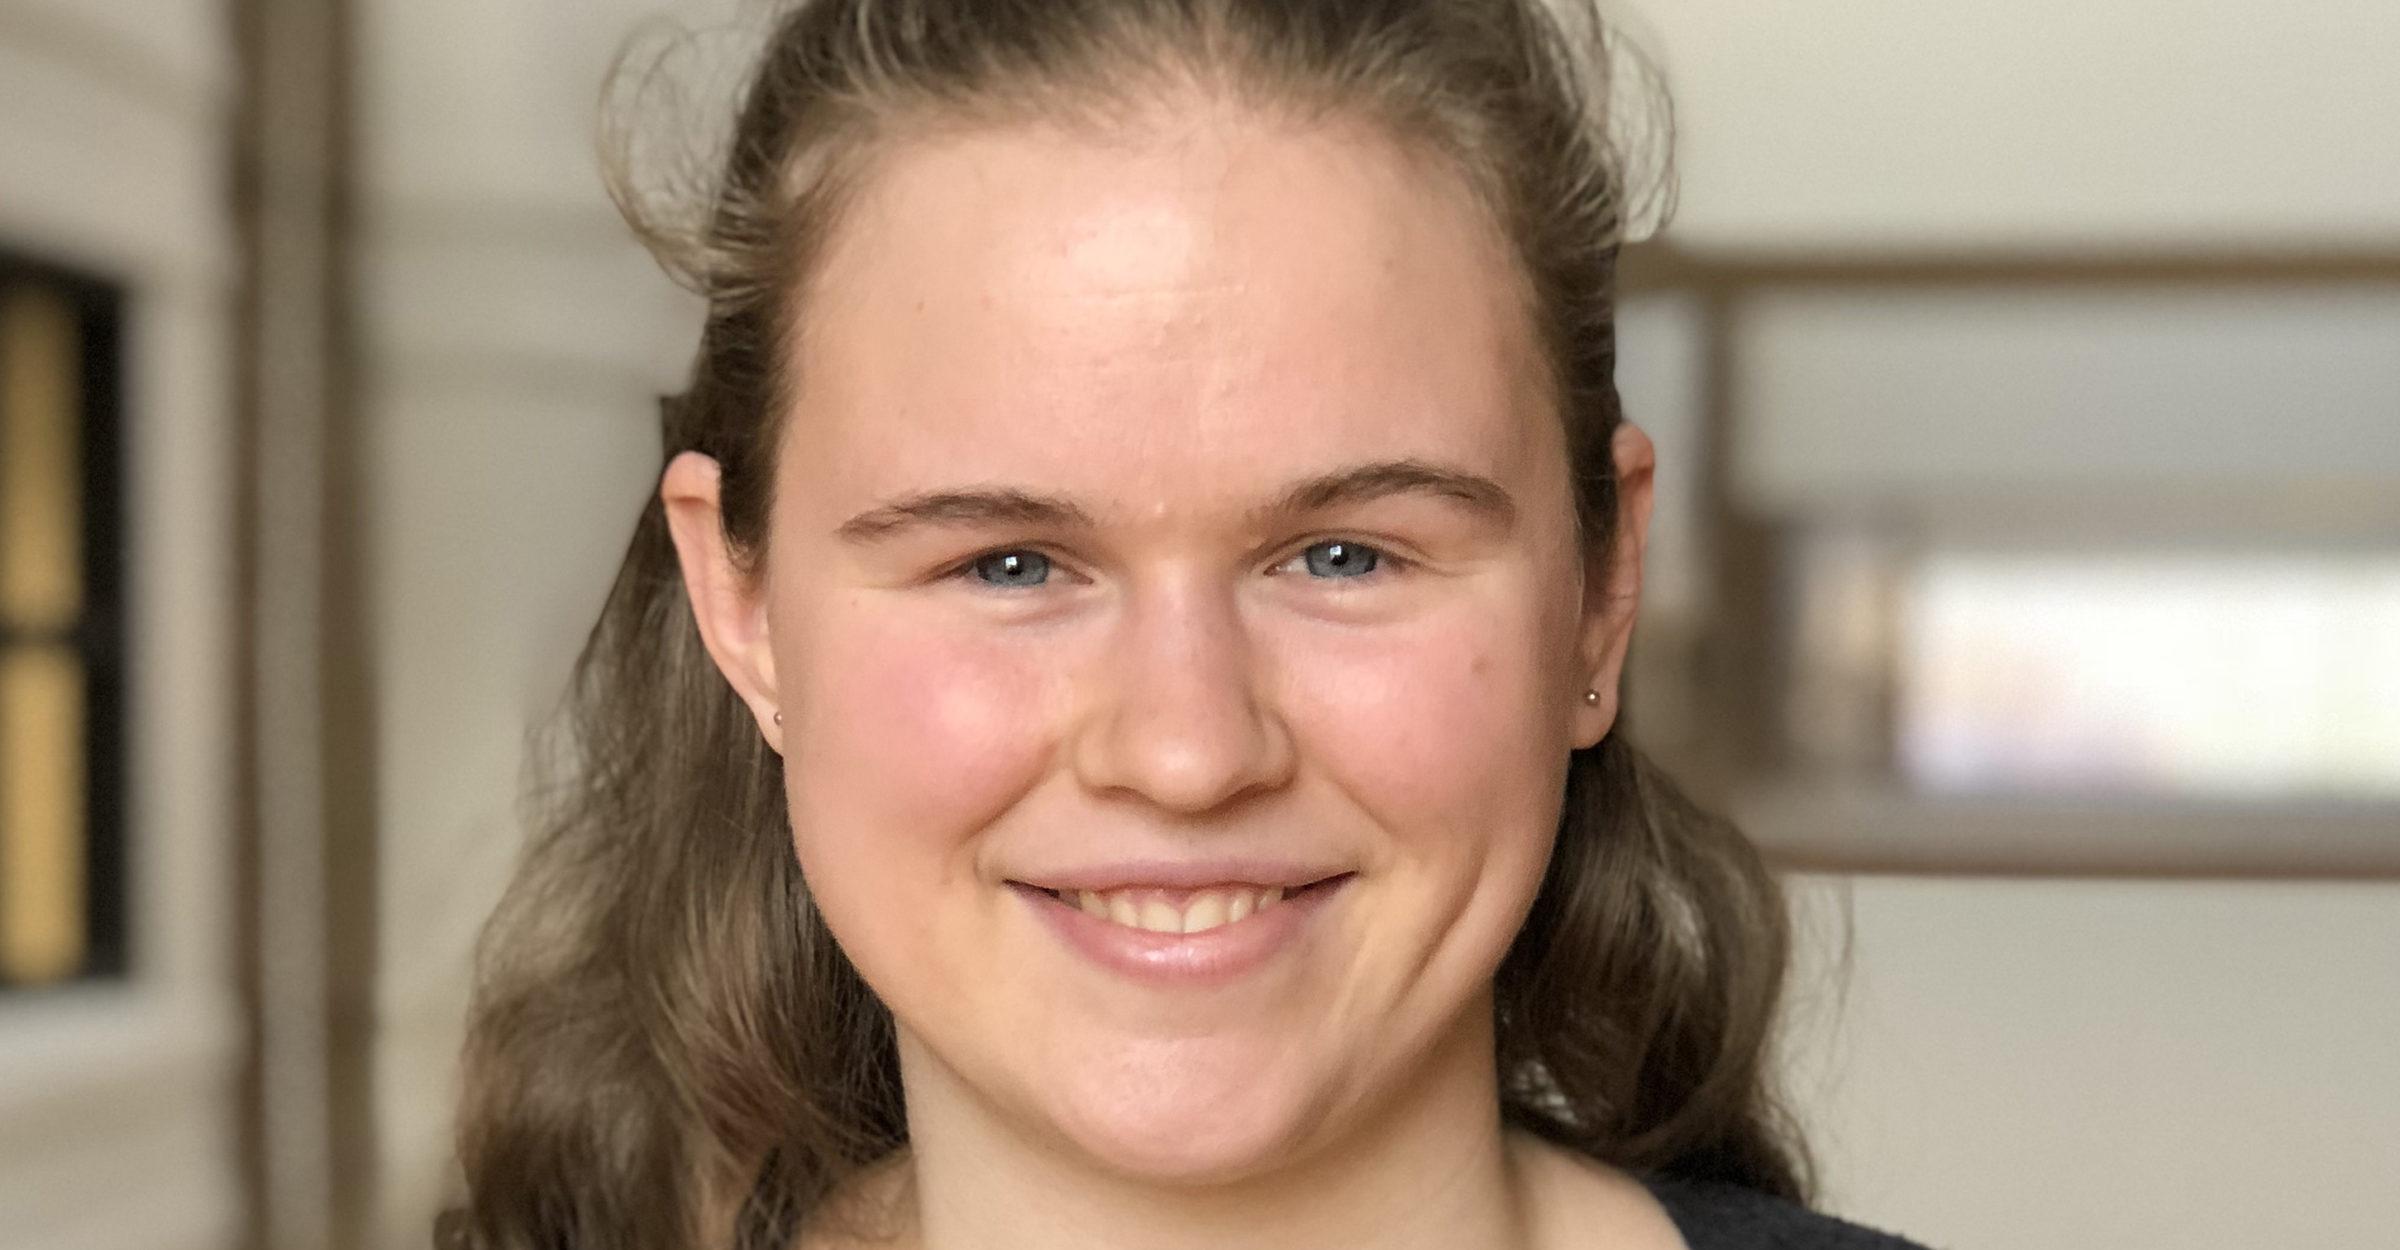 Caroline Crockett